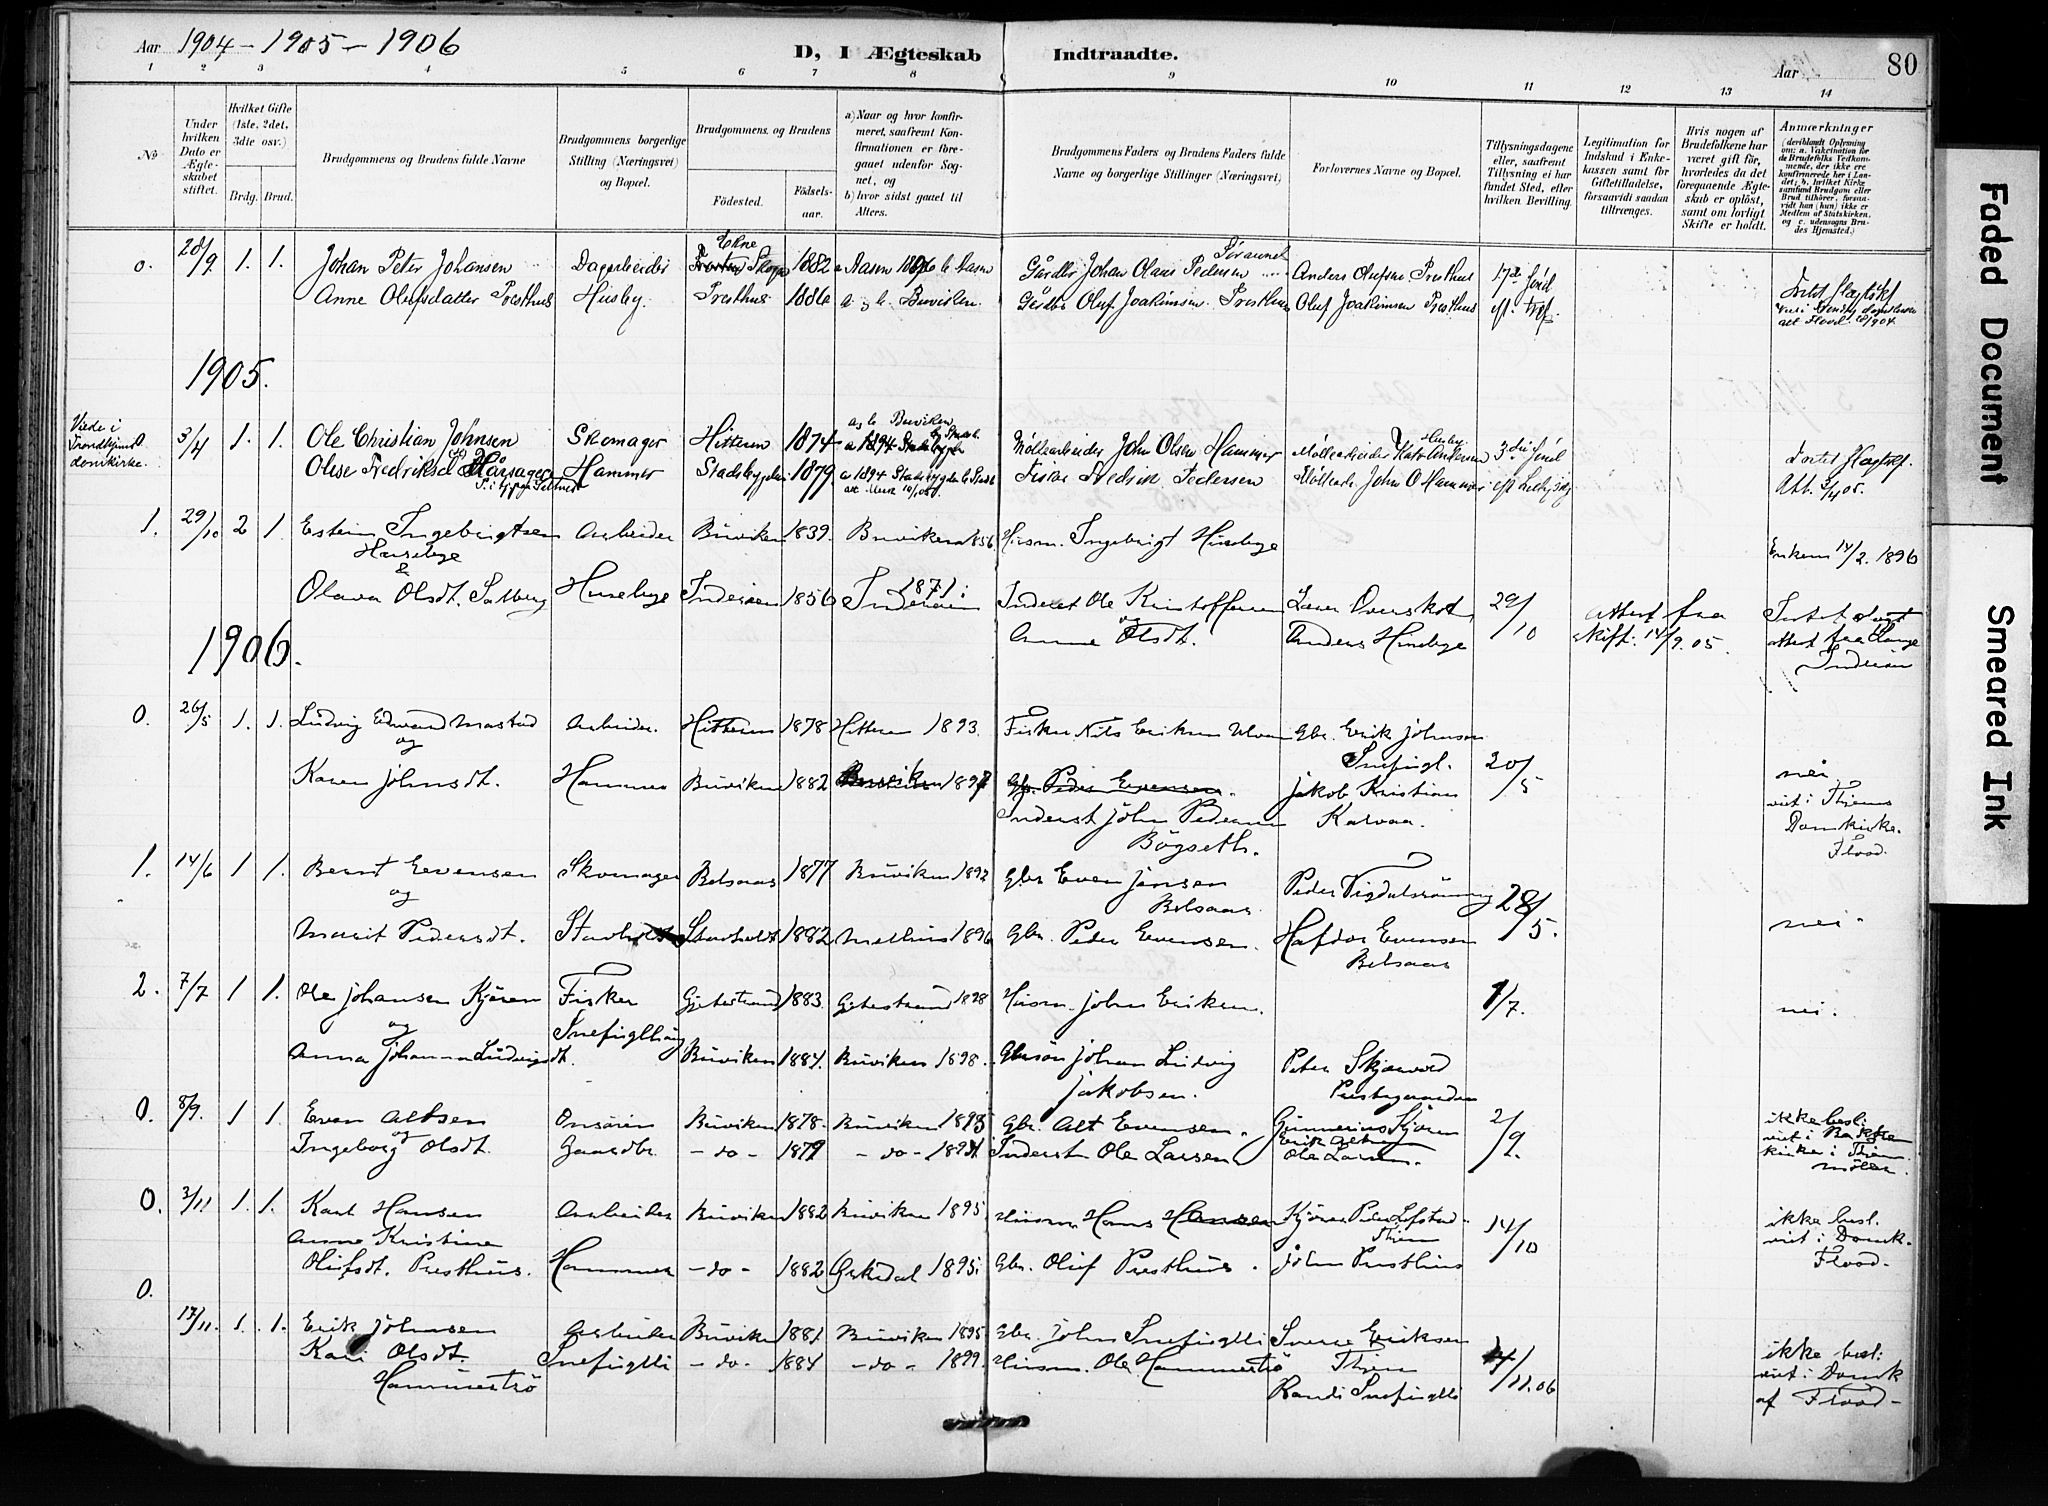 SAT, Ministerialprotokoller, klokkerbøker og fødselsregistre - Sør-Trøndelag, 666/L0787: Ministerialbok nr. 666A05, 1895-1908, s. 80